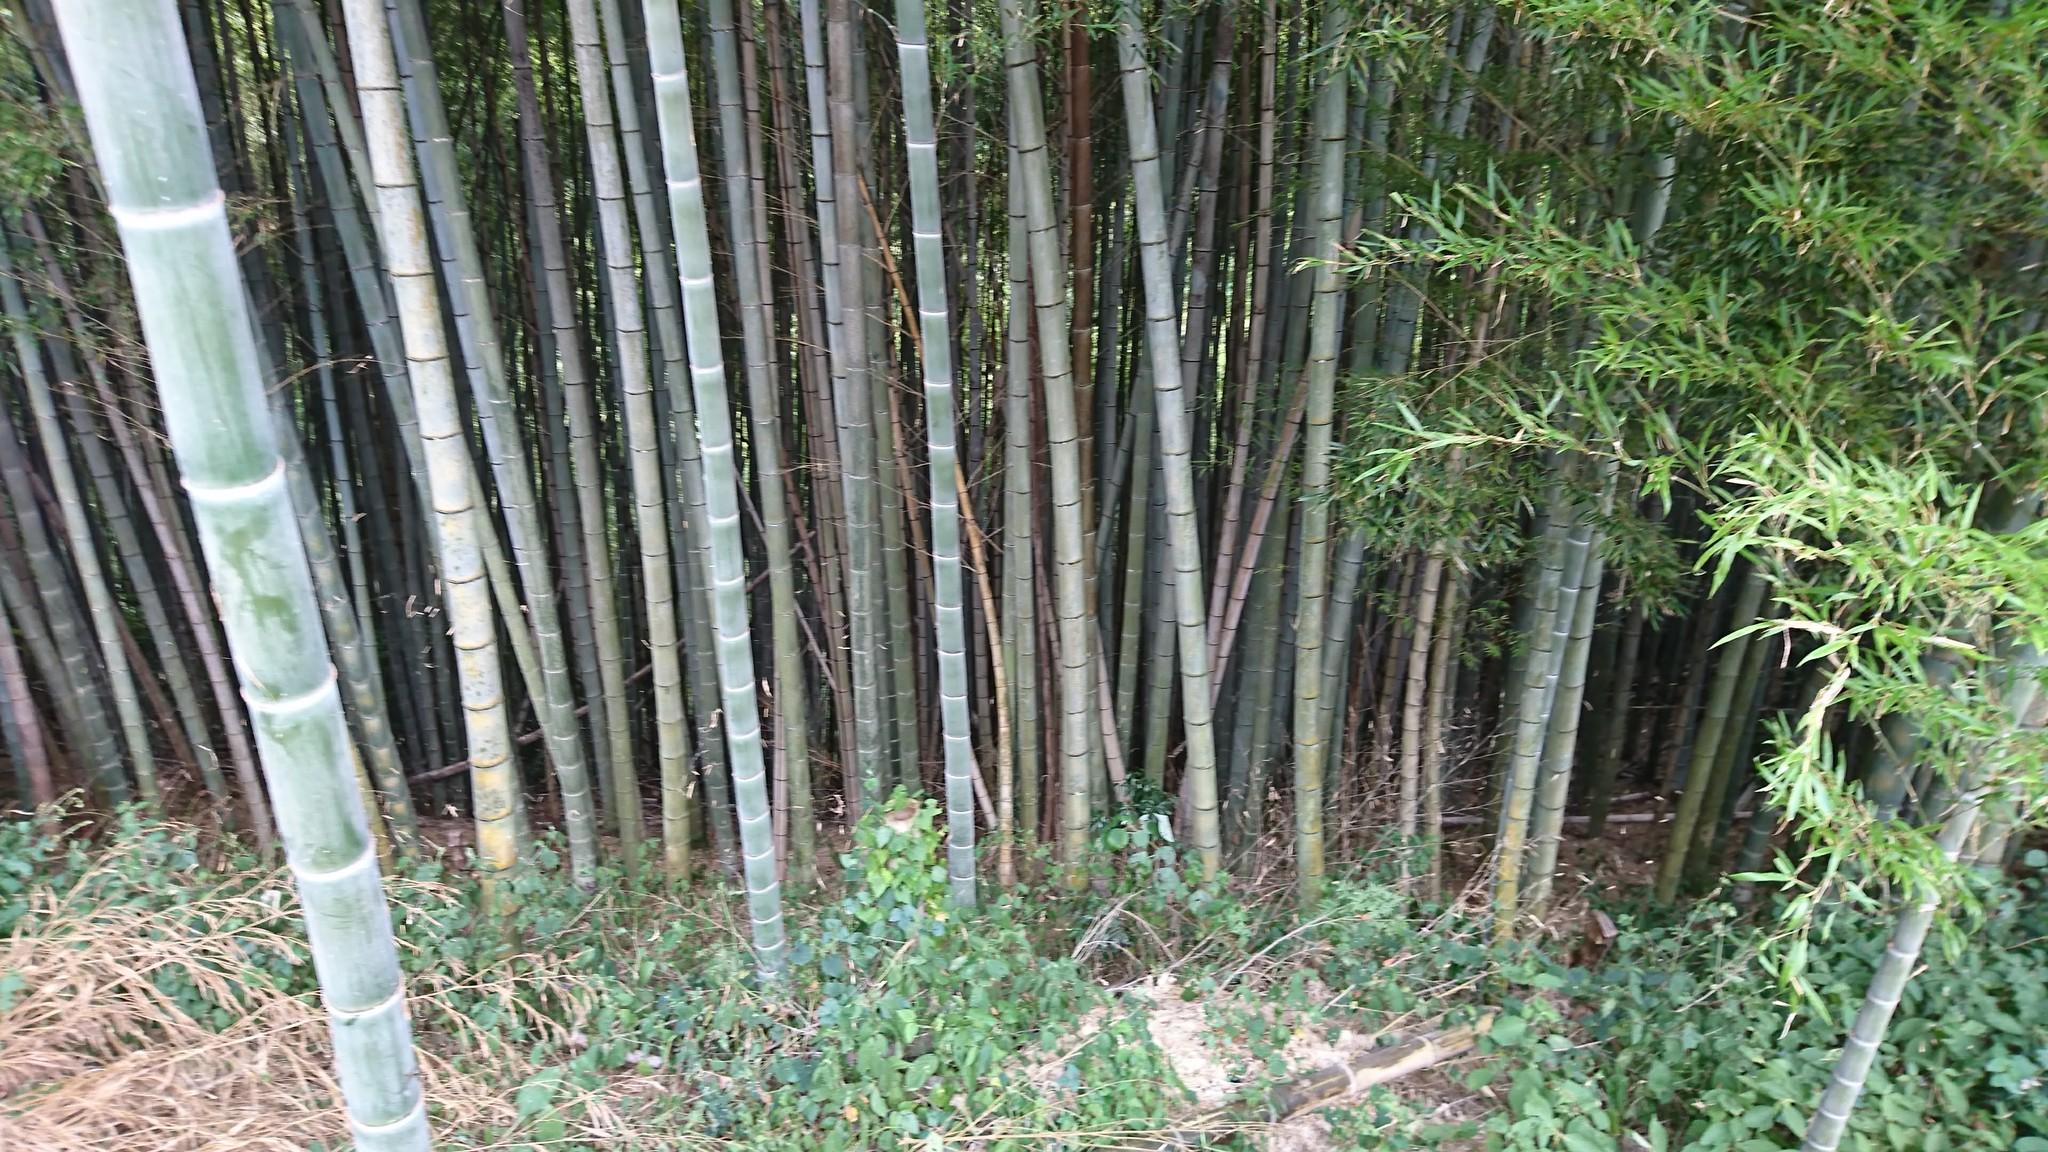 竹資源は磨けば宝石よりも輝く宝の山